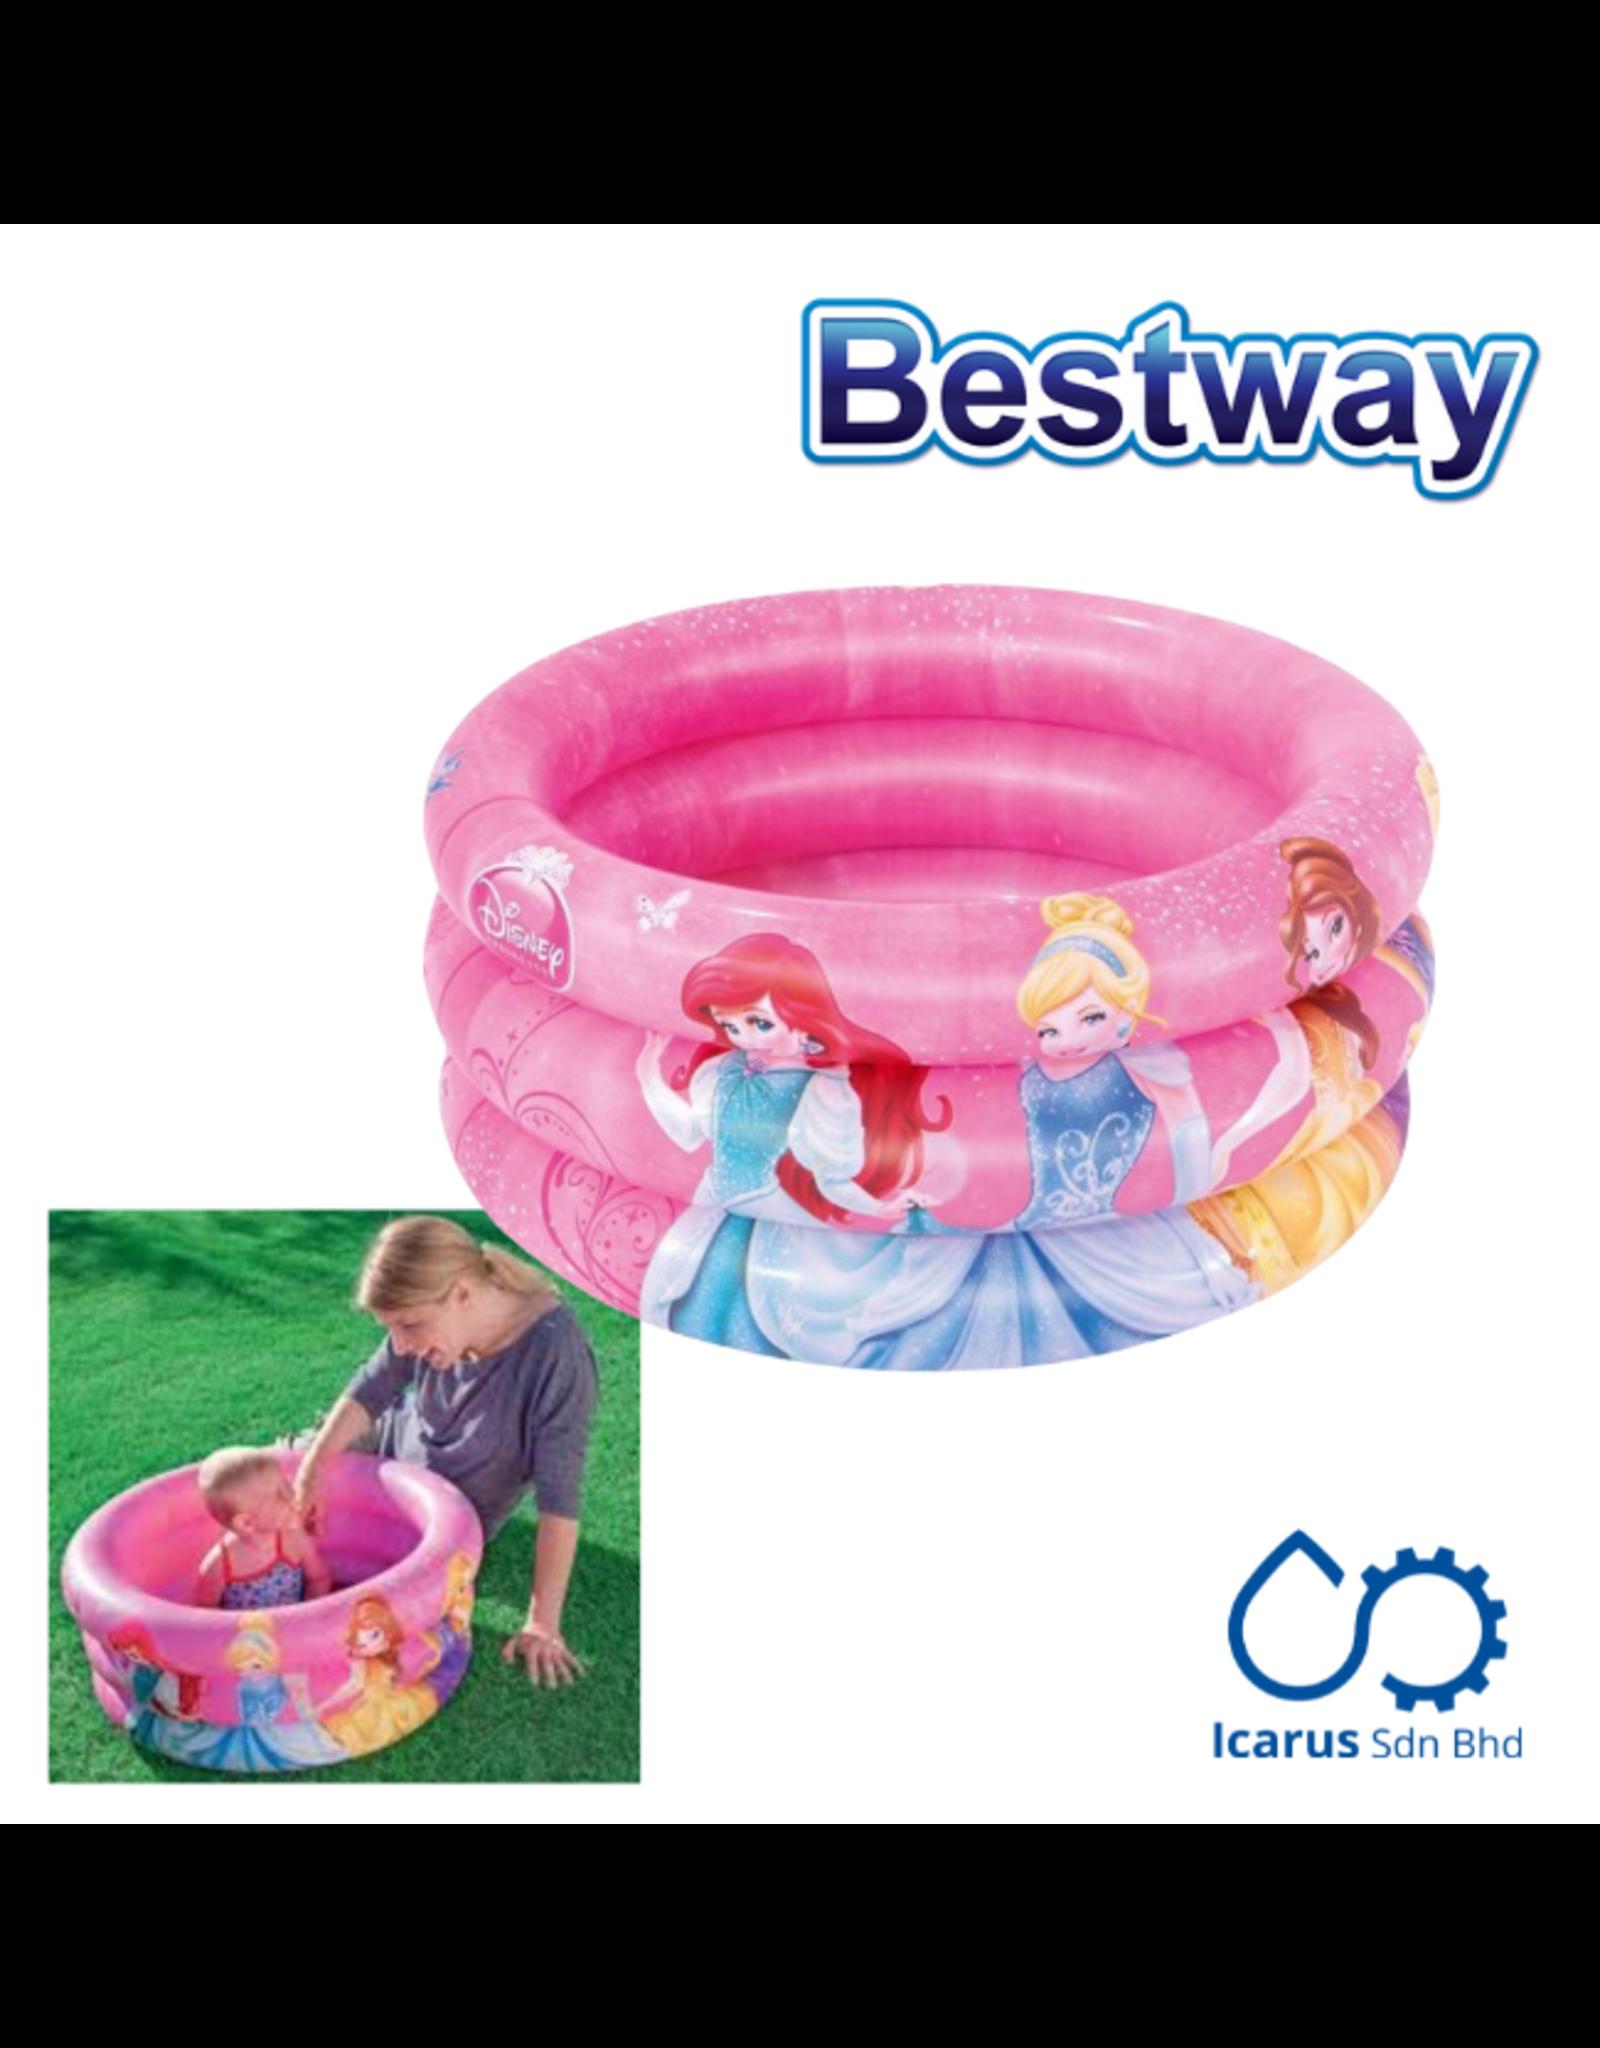 Bestway Bestway Disney Princess Baby Pool 28.4 x 27 x 4.2 cm